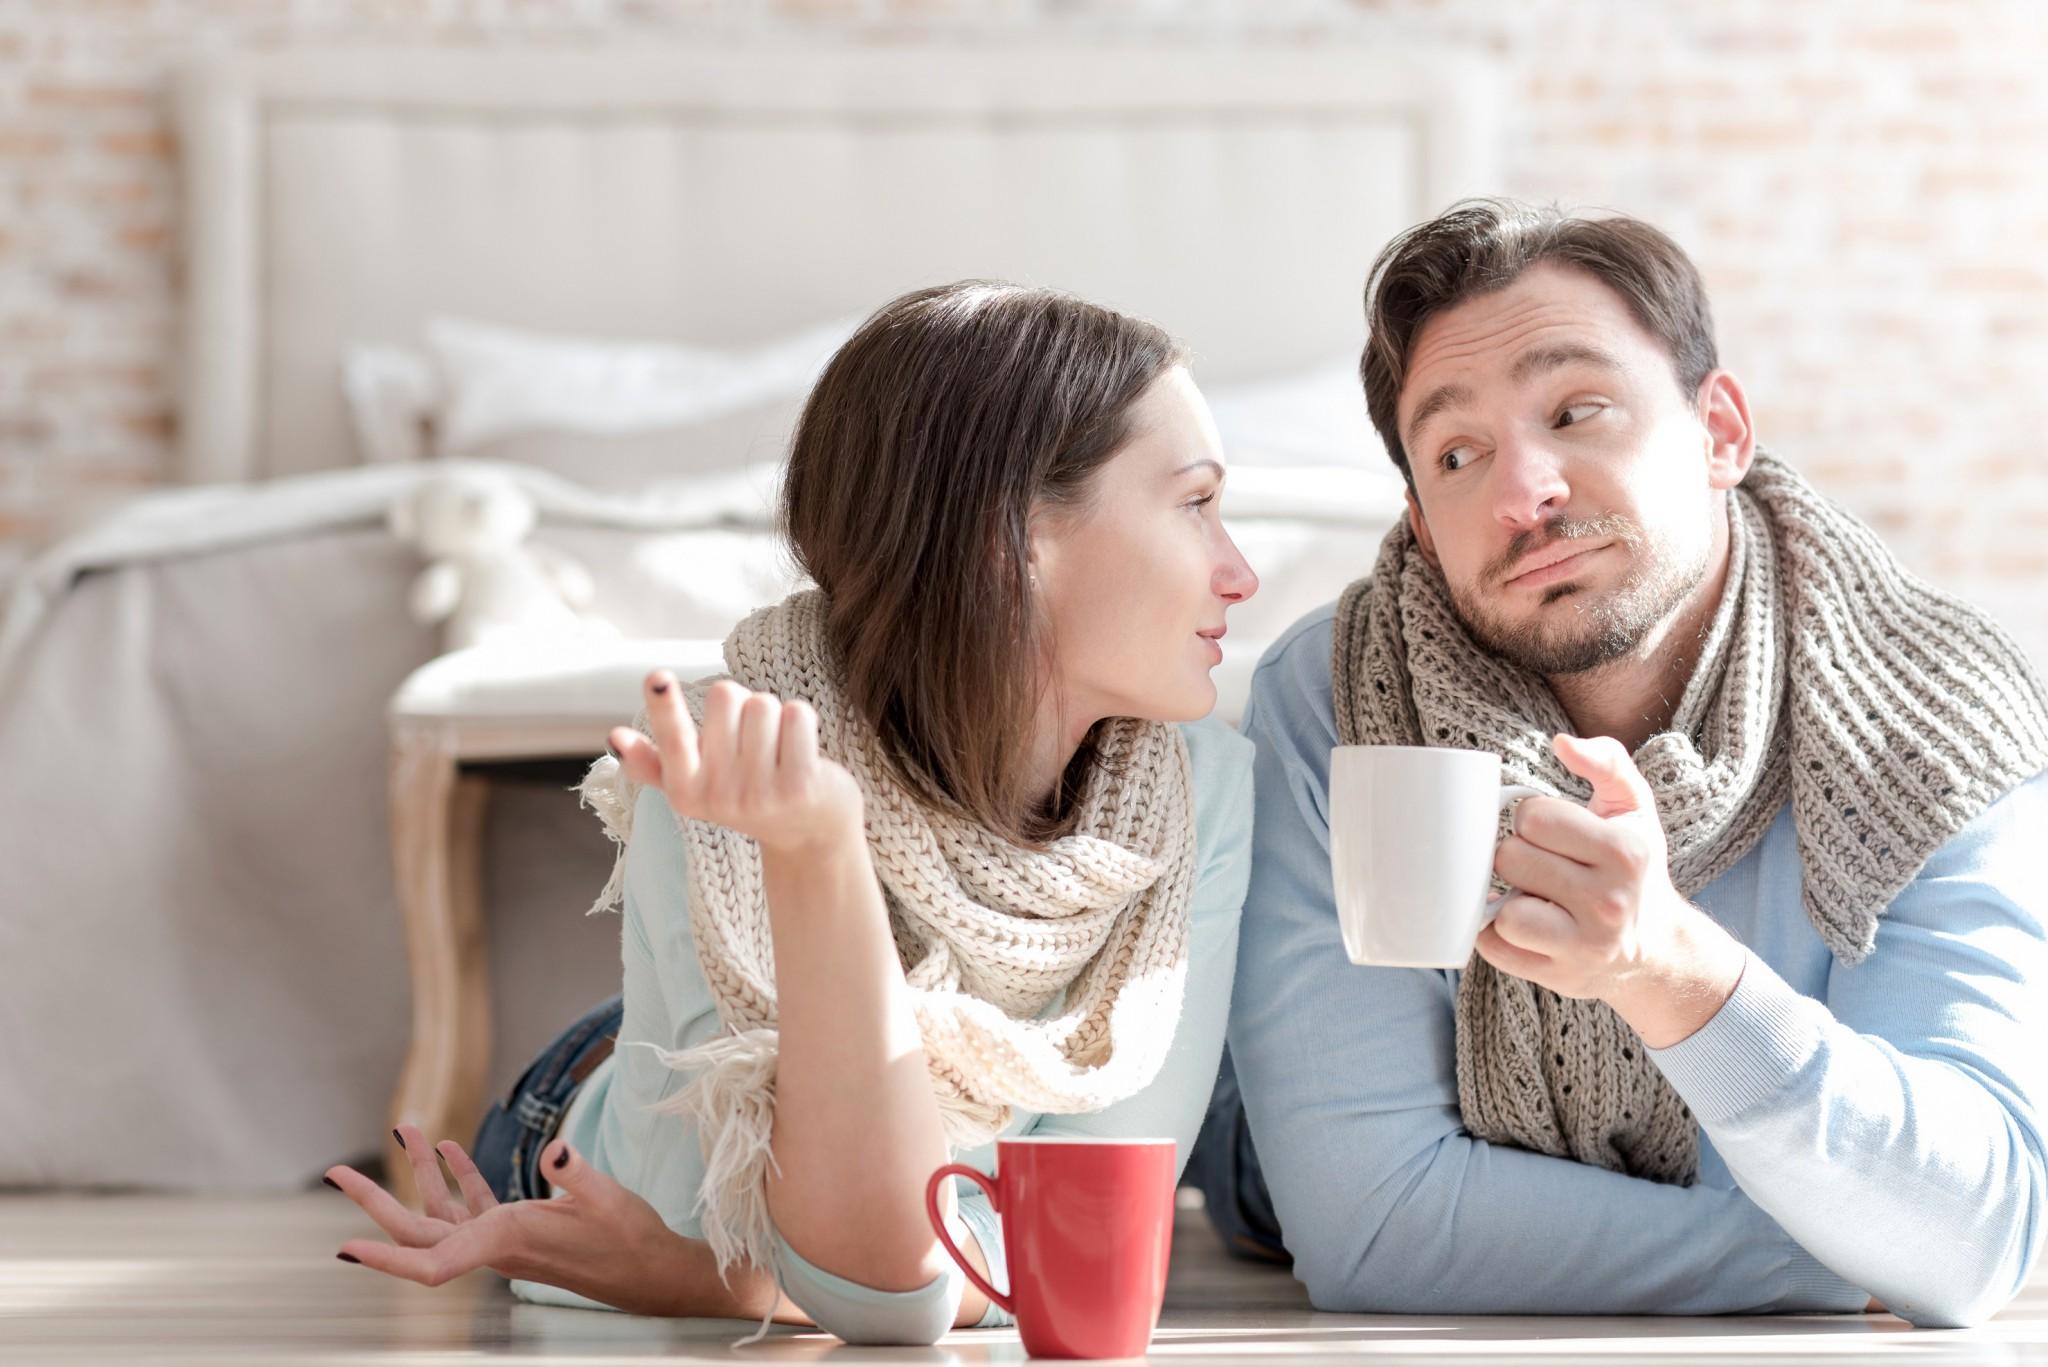 結婚相手はどんな人が良い?結婚相手に求めるべき条件17選